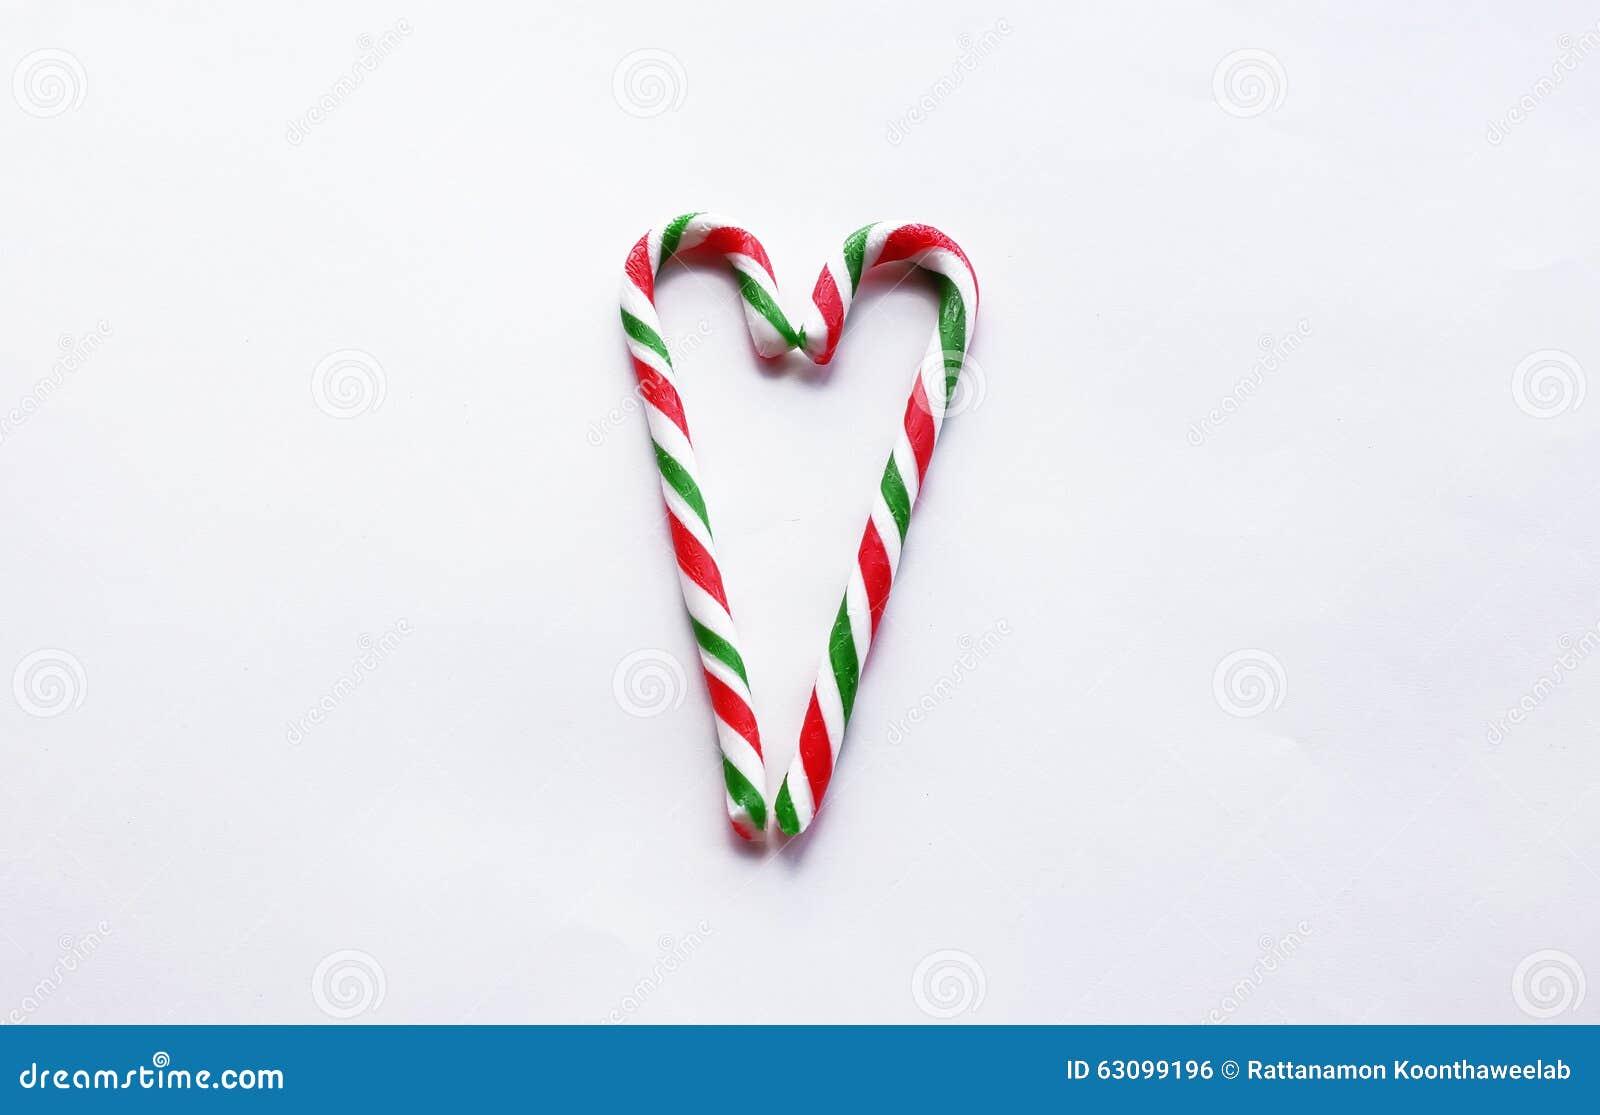 Bastón Rojo Y Verde De La Navidad De Caramelo Con En Forma De ...